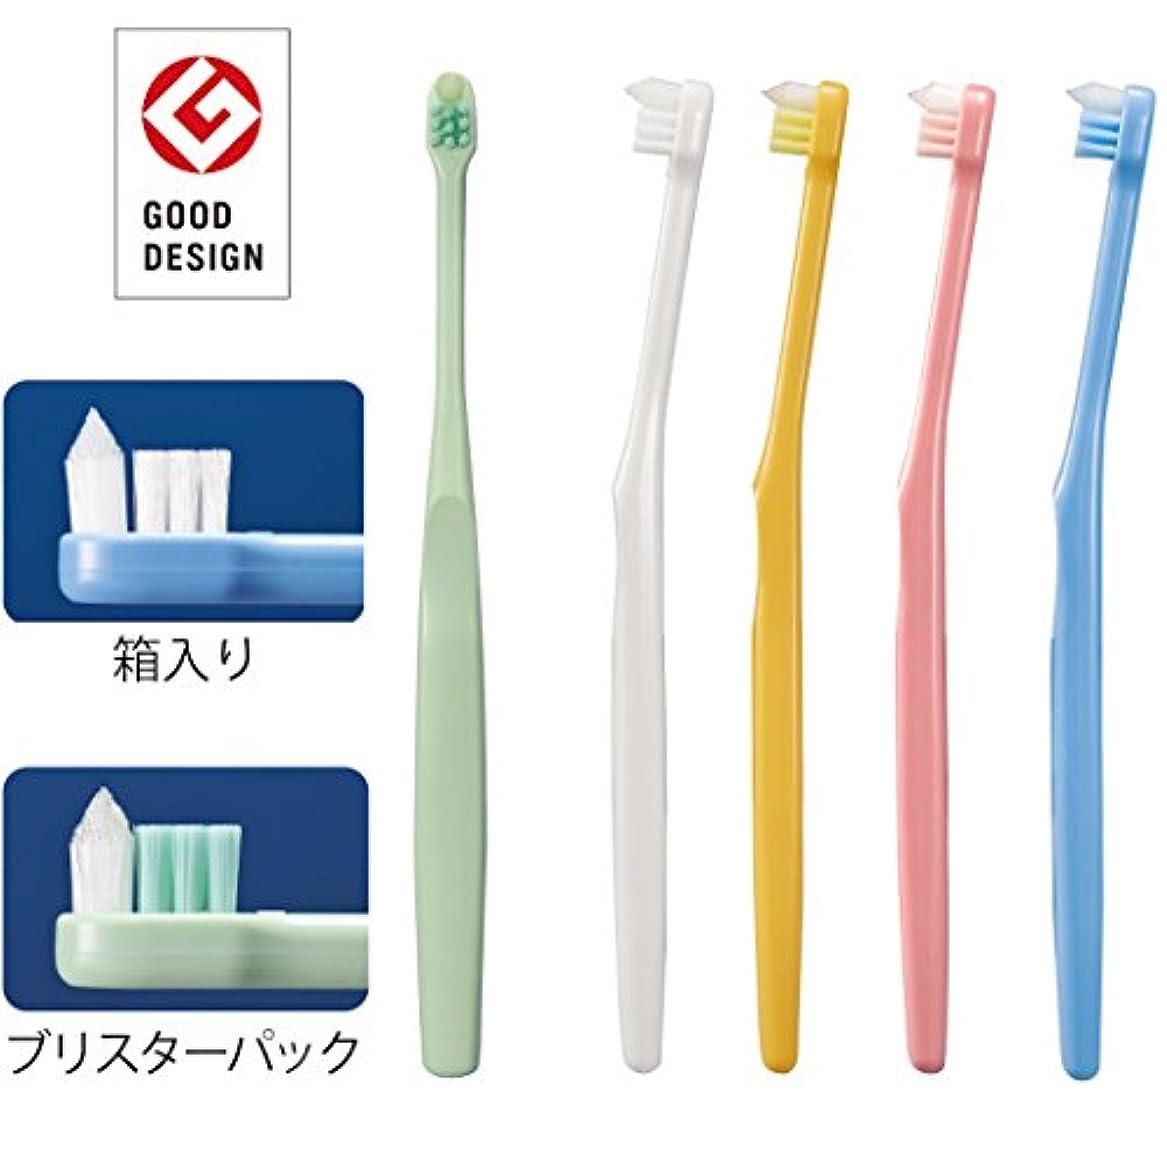 ゴシップ利点あいまいさ歯科医院専売 Ci ネオタフト M(ふつう) 6本 4色アソート